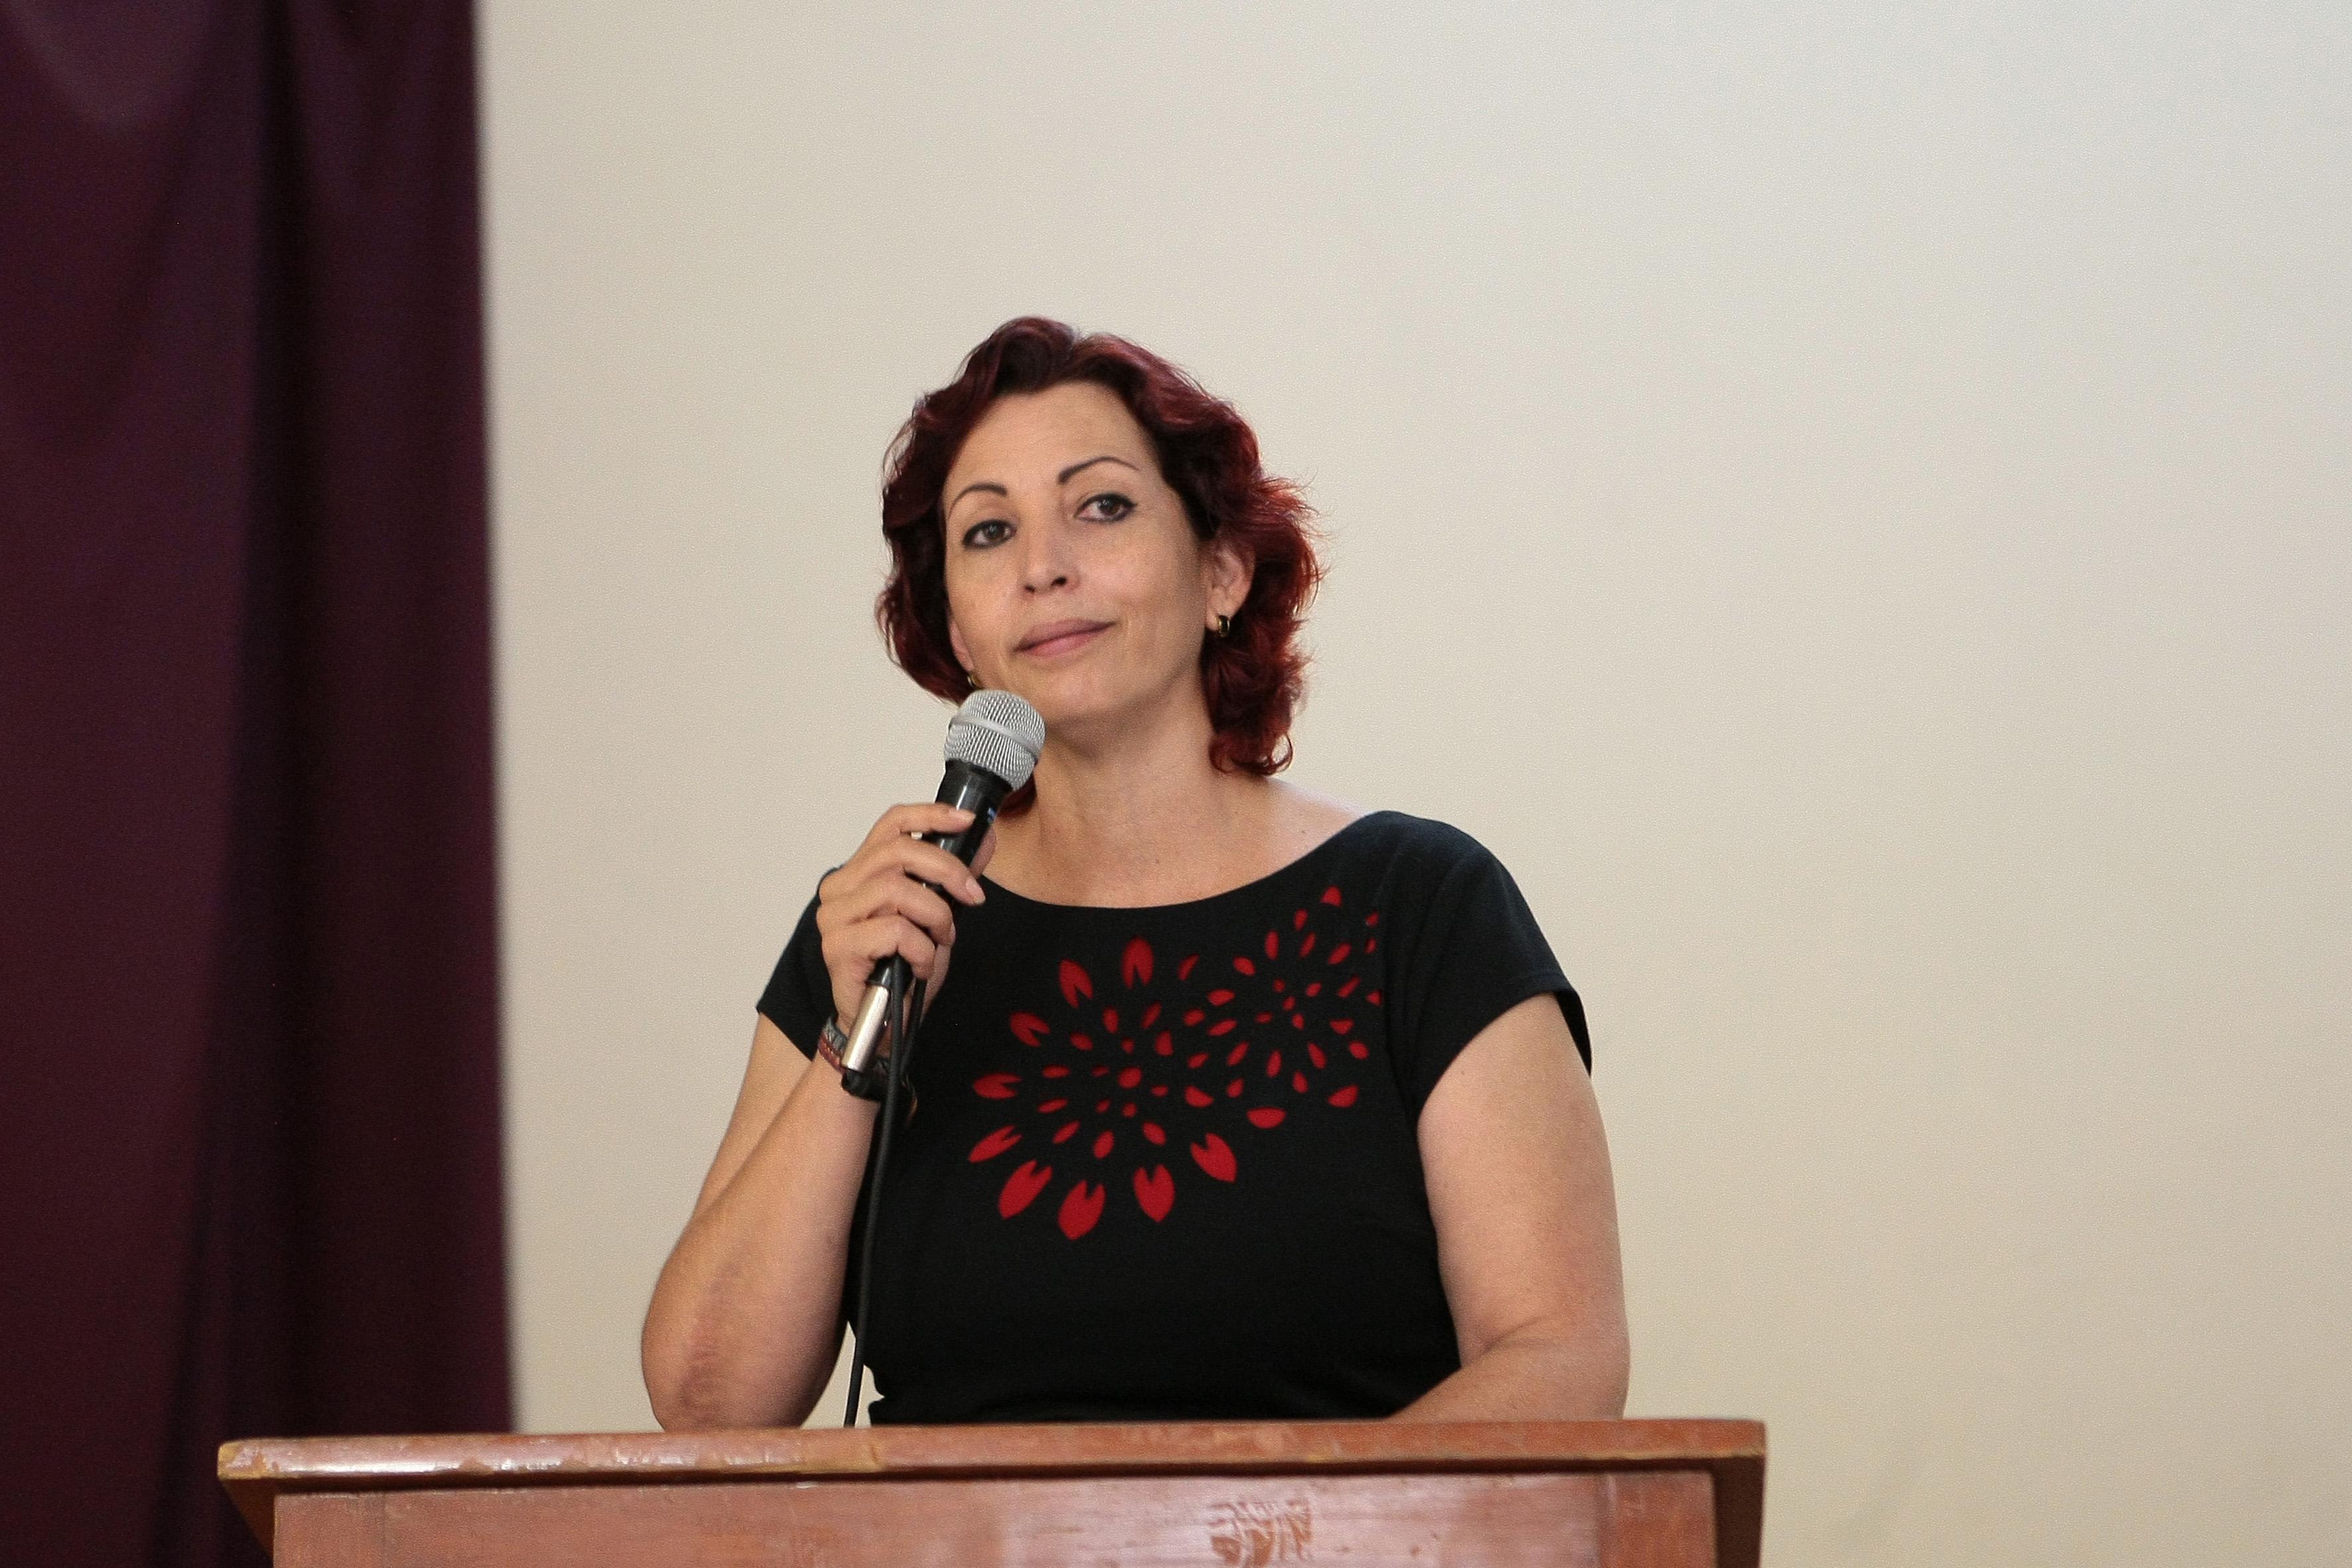 La diputada María del Consuelo Robles Sierra, presidenta de la Comisión de higiene y salud del Congreso del Estado, con micrófono en mano y arriba del podium, haciendo uso de la palabra.